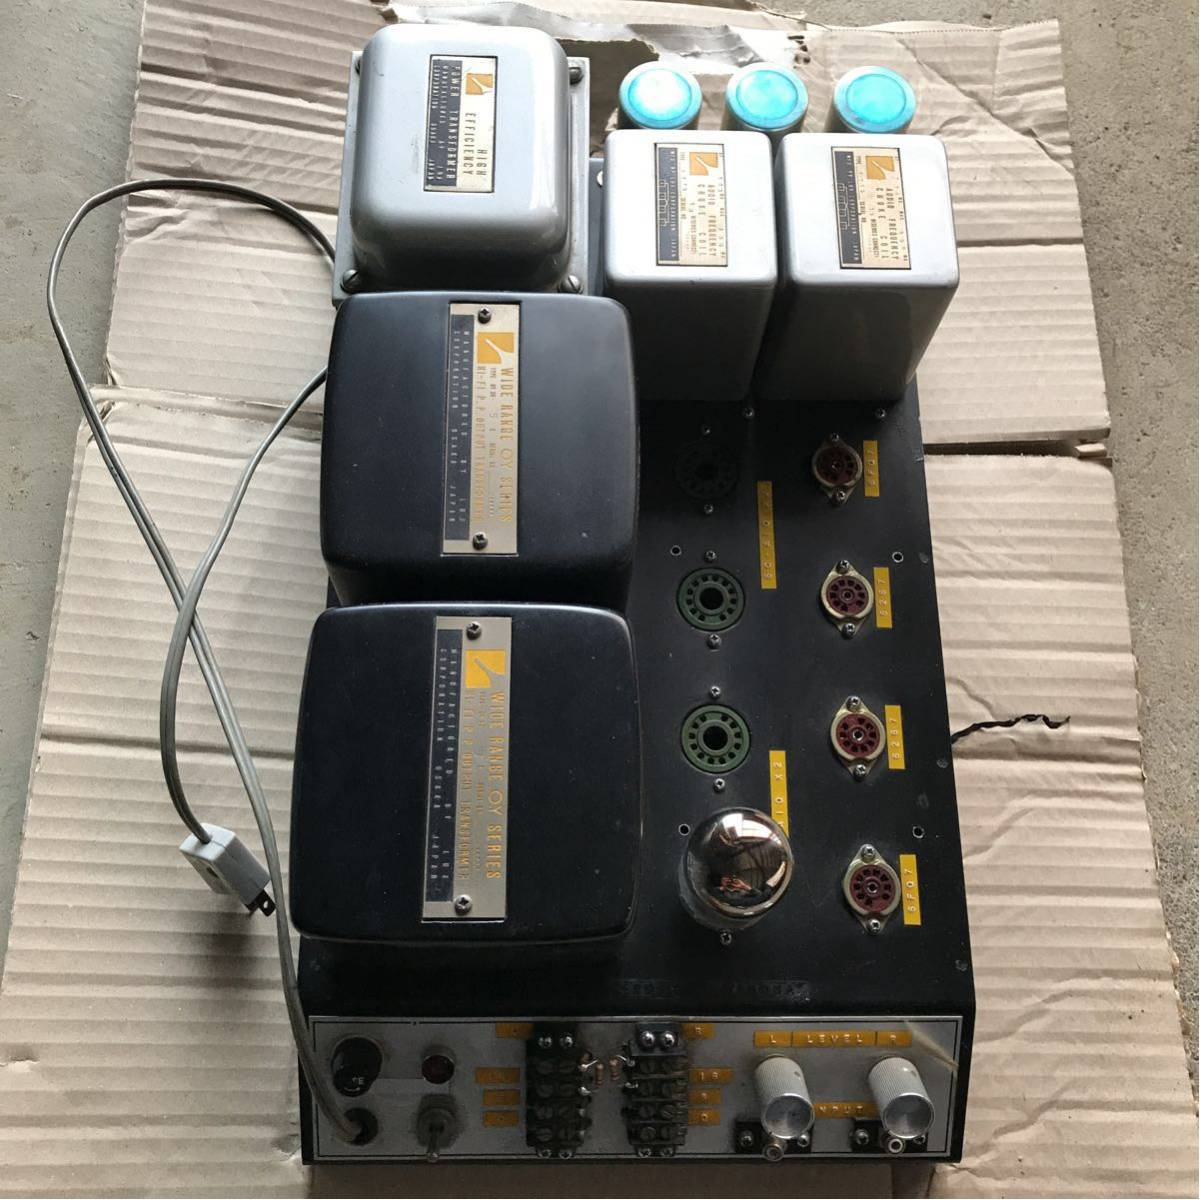 真空管 NEC 6C-A10 PP OY-36-5K LUX 写真の真空管はヒーター確認用なので付属しないですが プレゼントで6C-A10 1個付属しますジャンク品_画像3